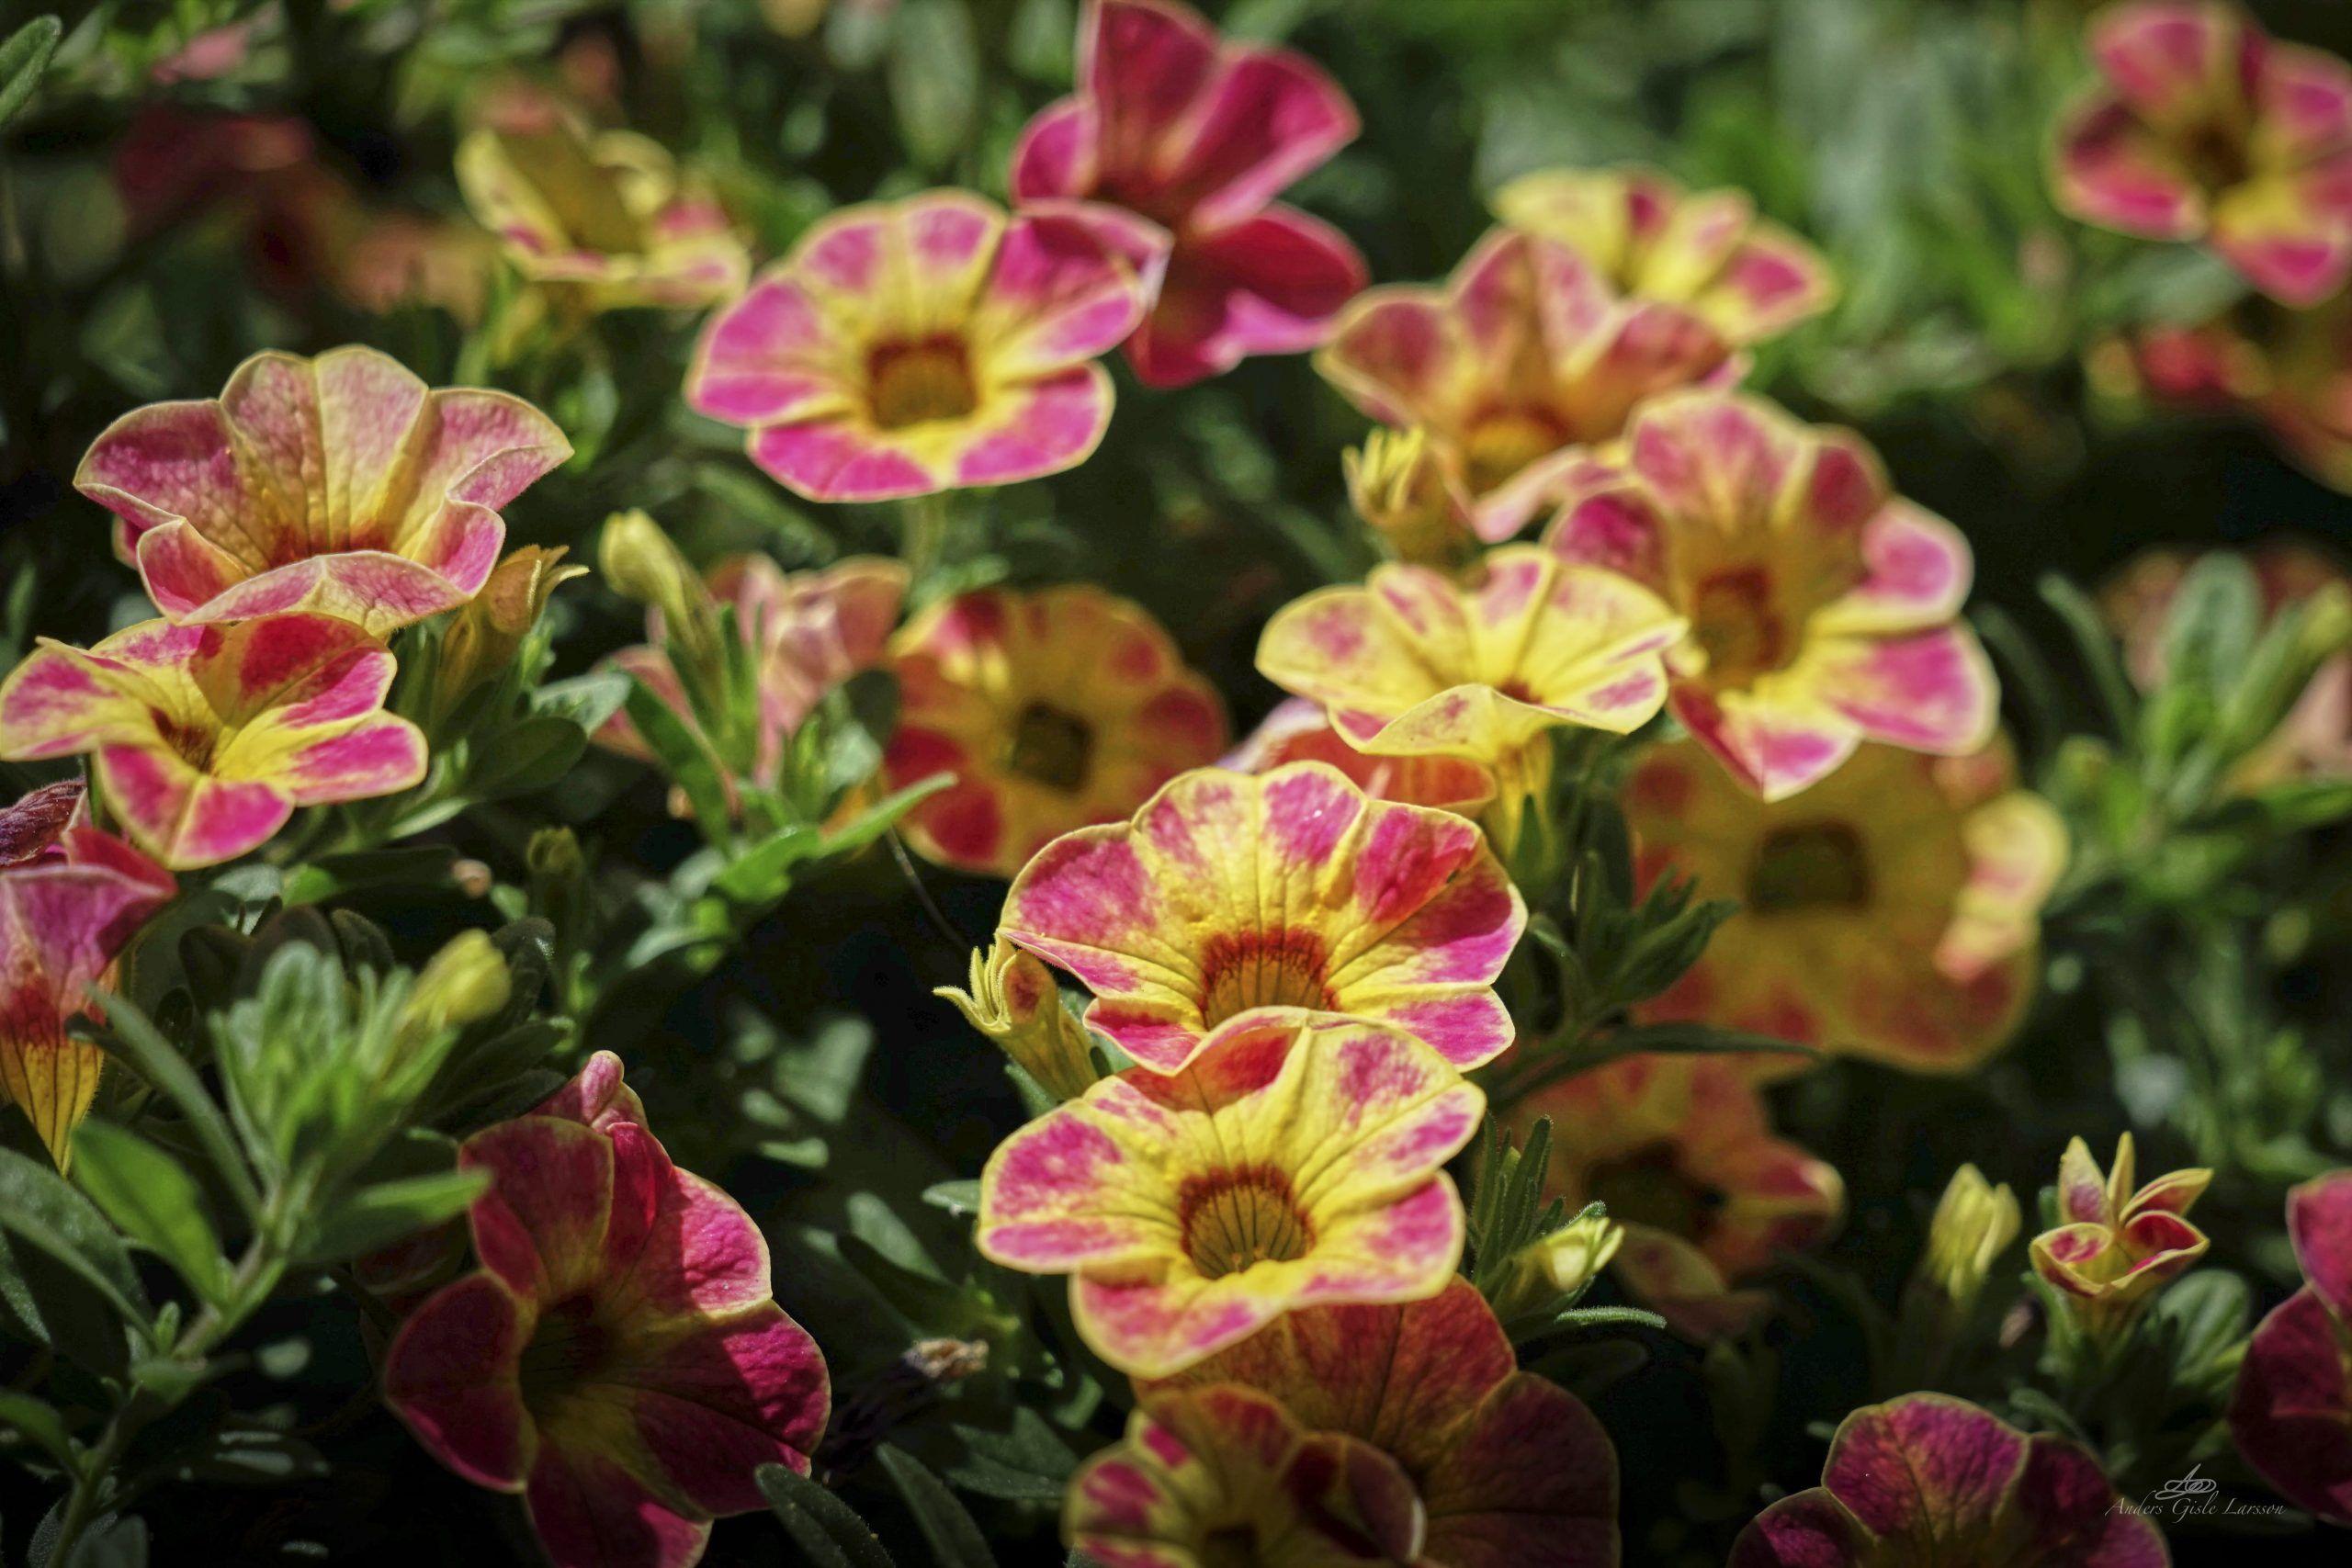 Flor, Uge 27, Assentoft, Randers